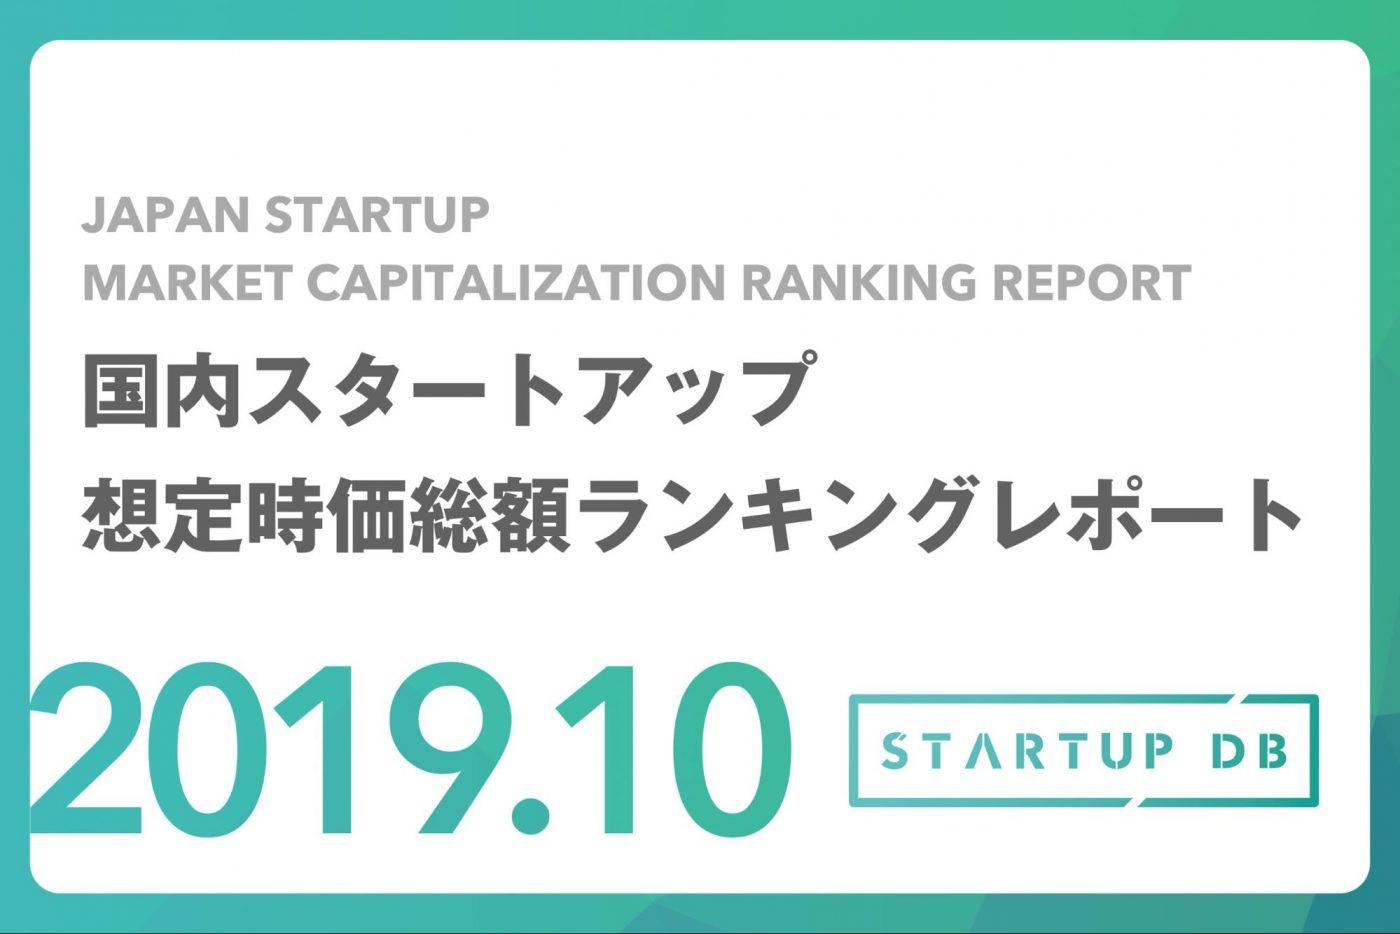 国内スタートアップ想定時価総額ランキング最新版(2019年10月)